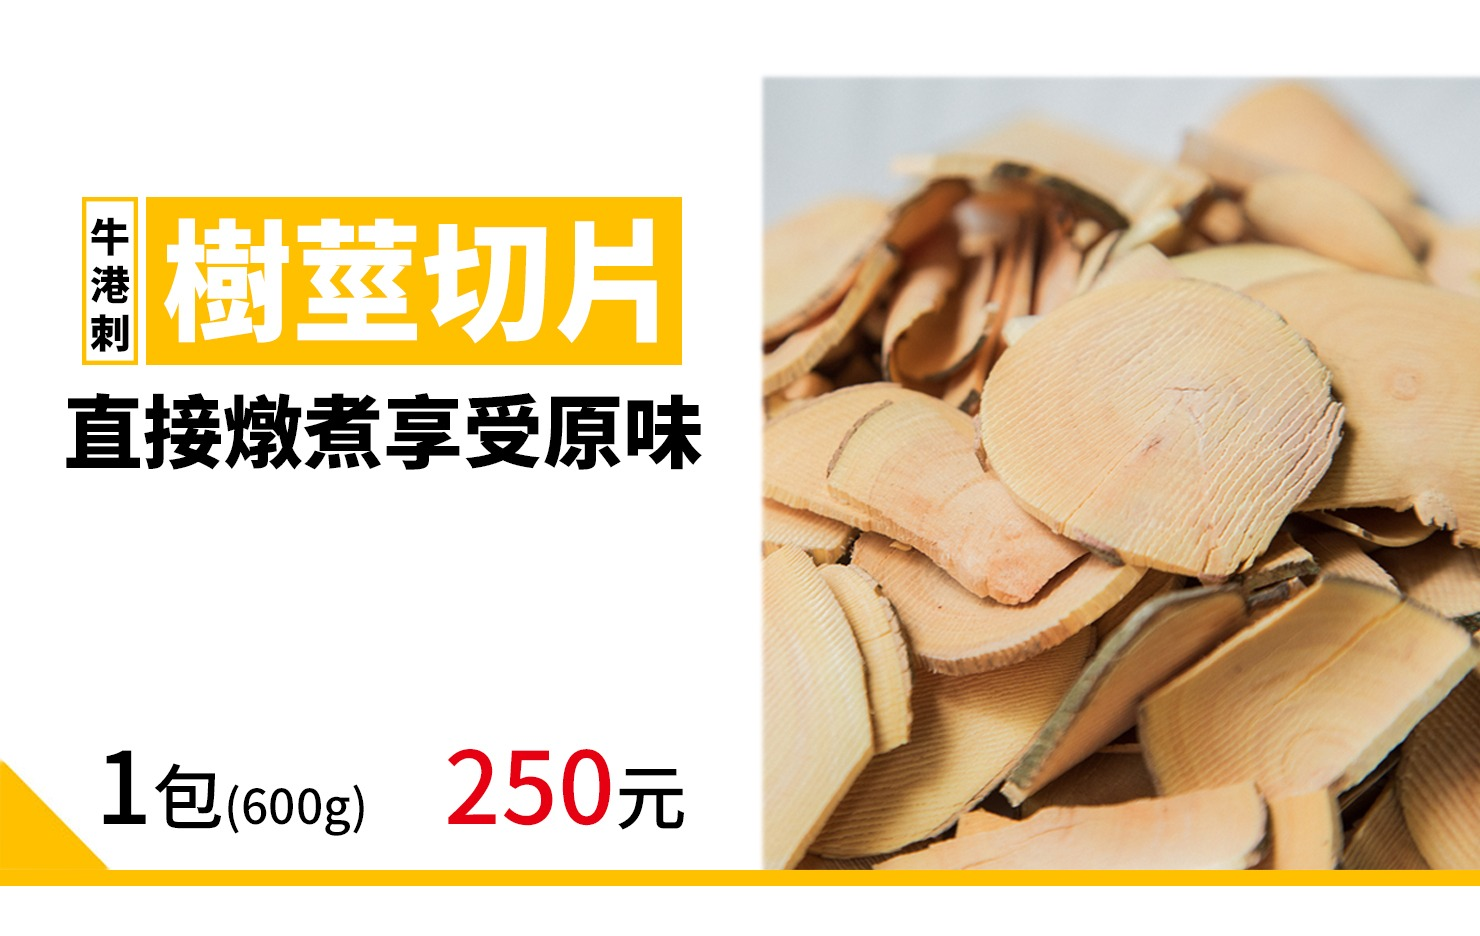 牛港刺樹莖切片 直接燉煮享受原味